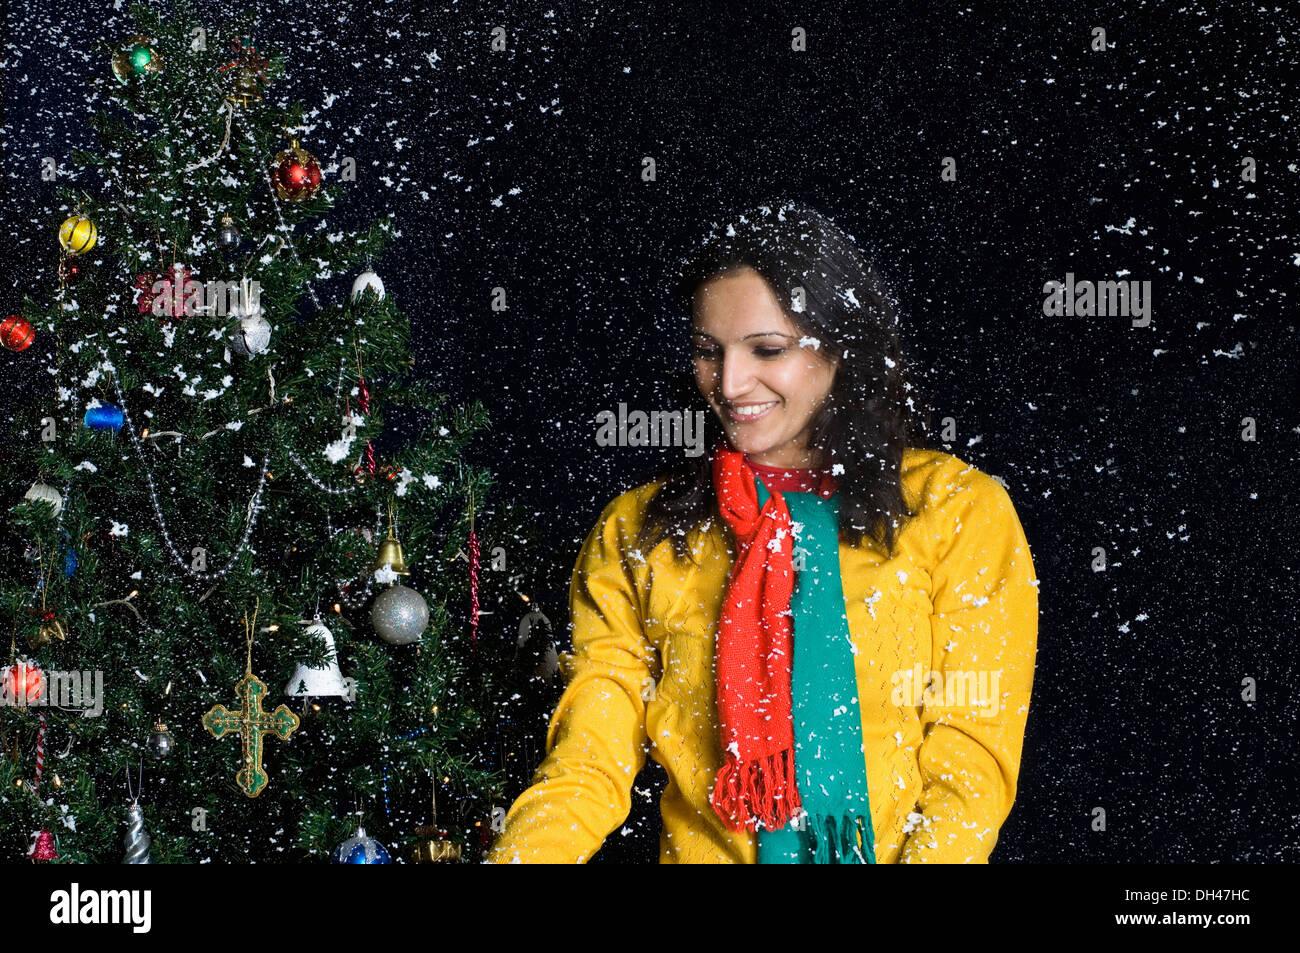 Frau im Schnee in der Nähe von einem Weihnachtsbaum Stockfoto